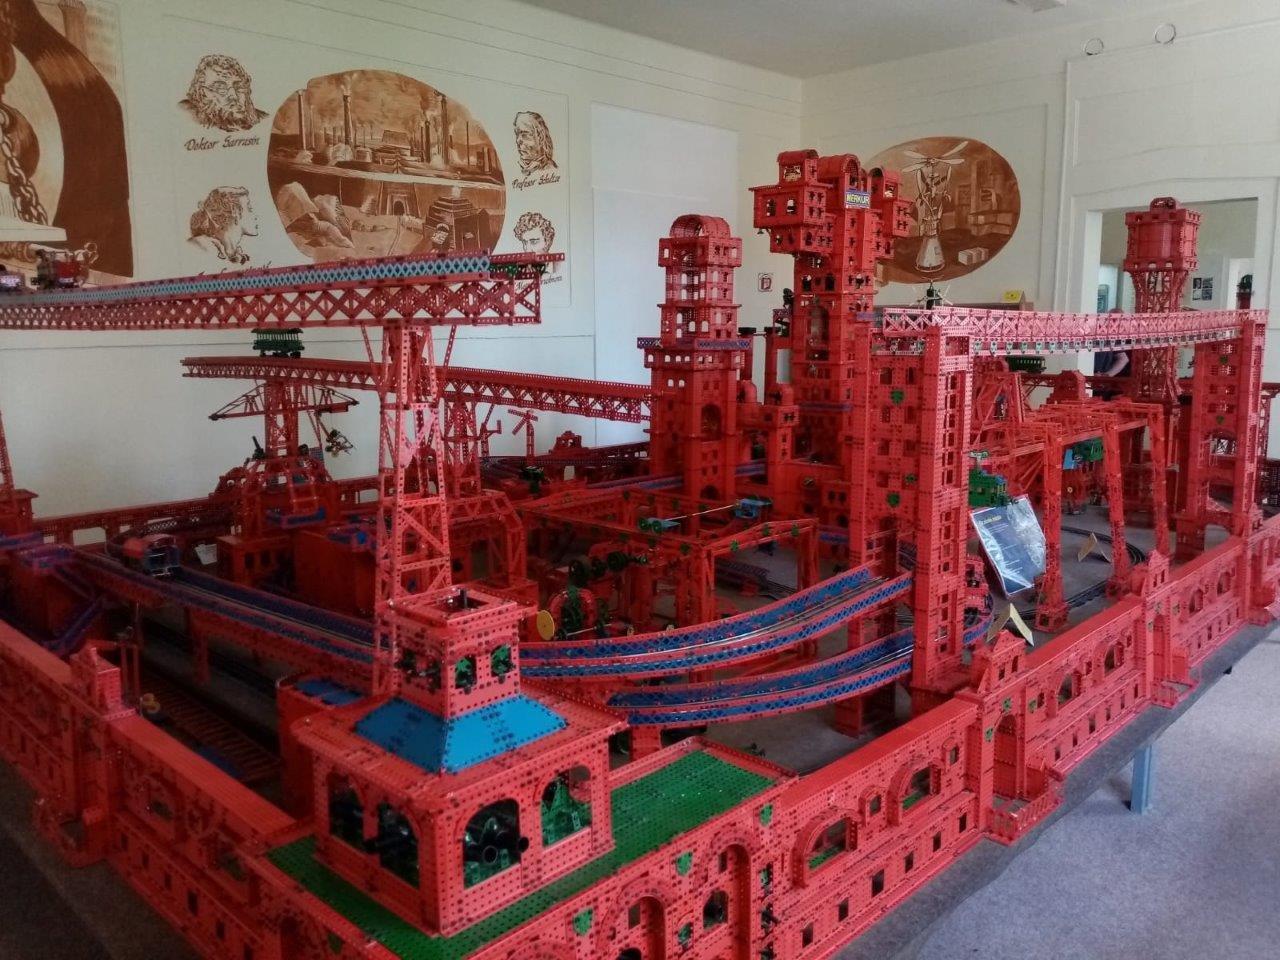 Muzeum stavebnice Merkur se nadechuje k dalším změnám